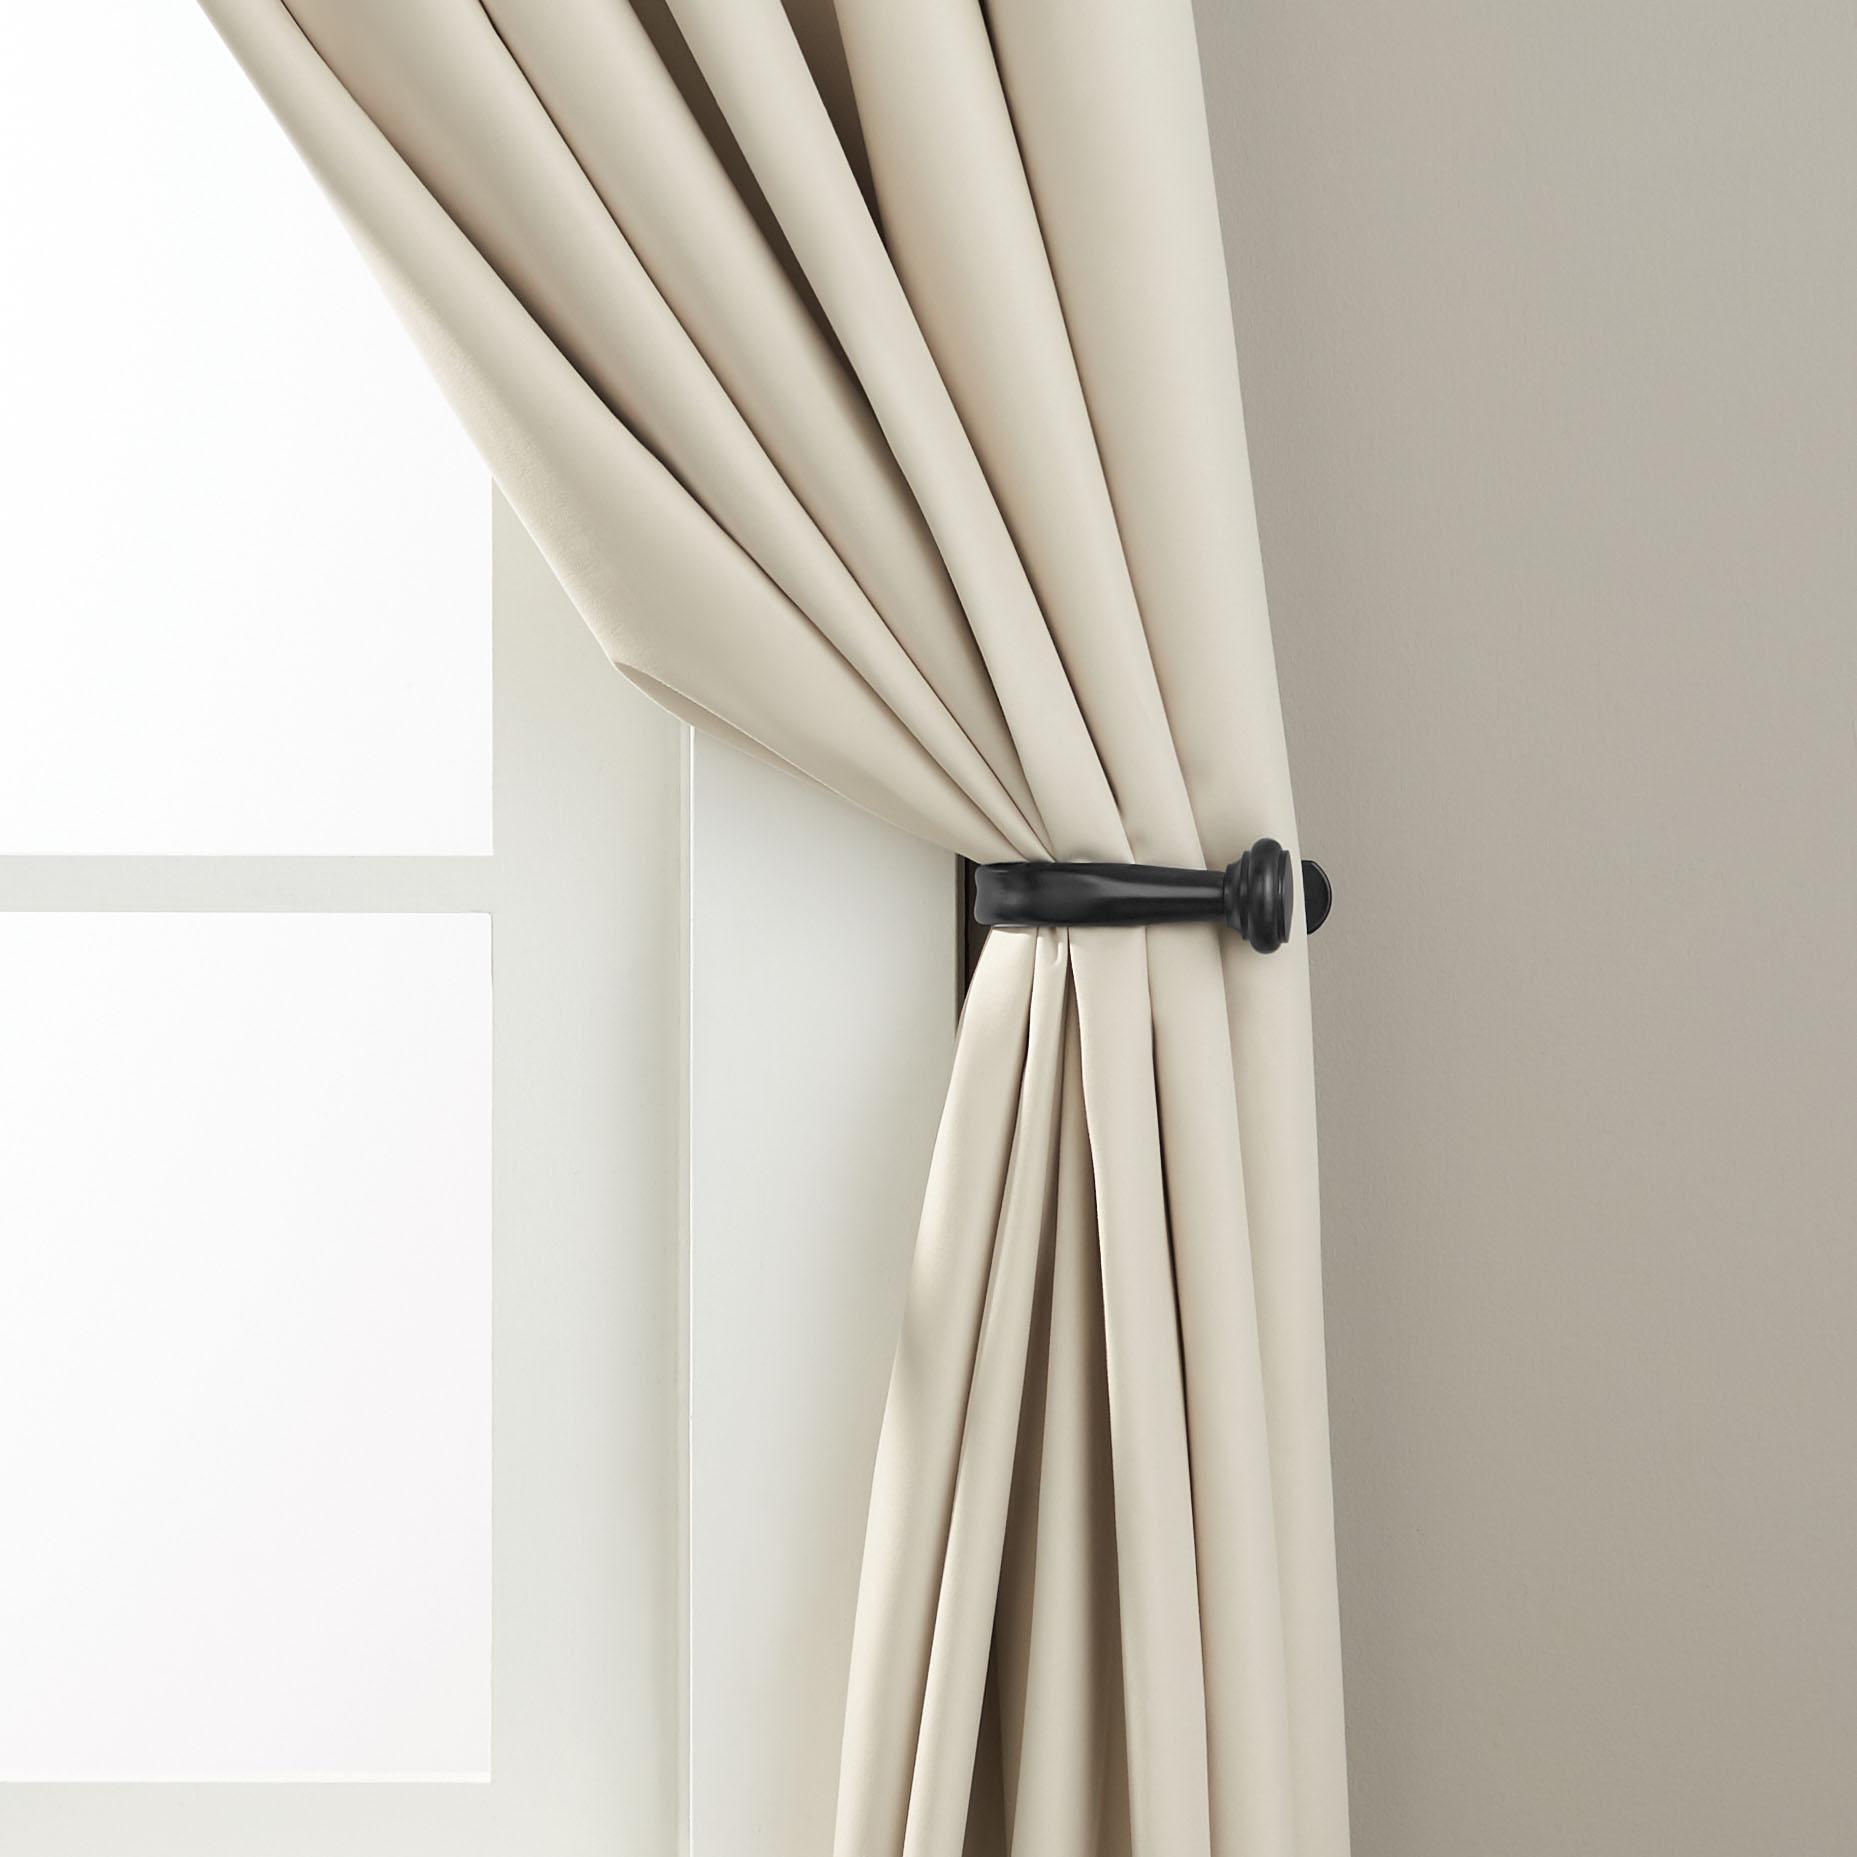 Amazonbasics decorative curtain drapery for Decorative holdbacks